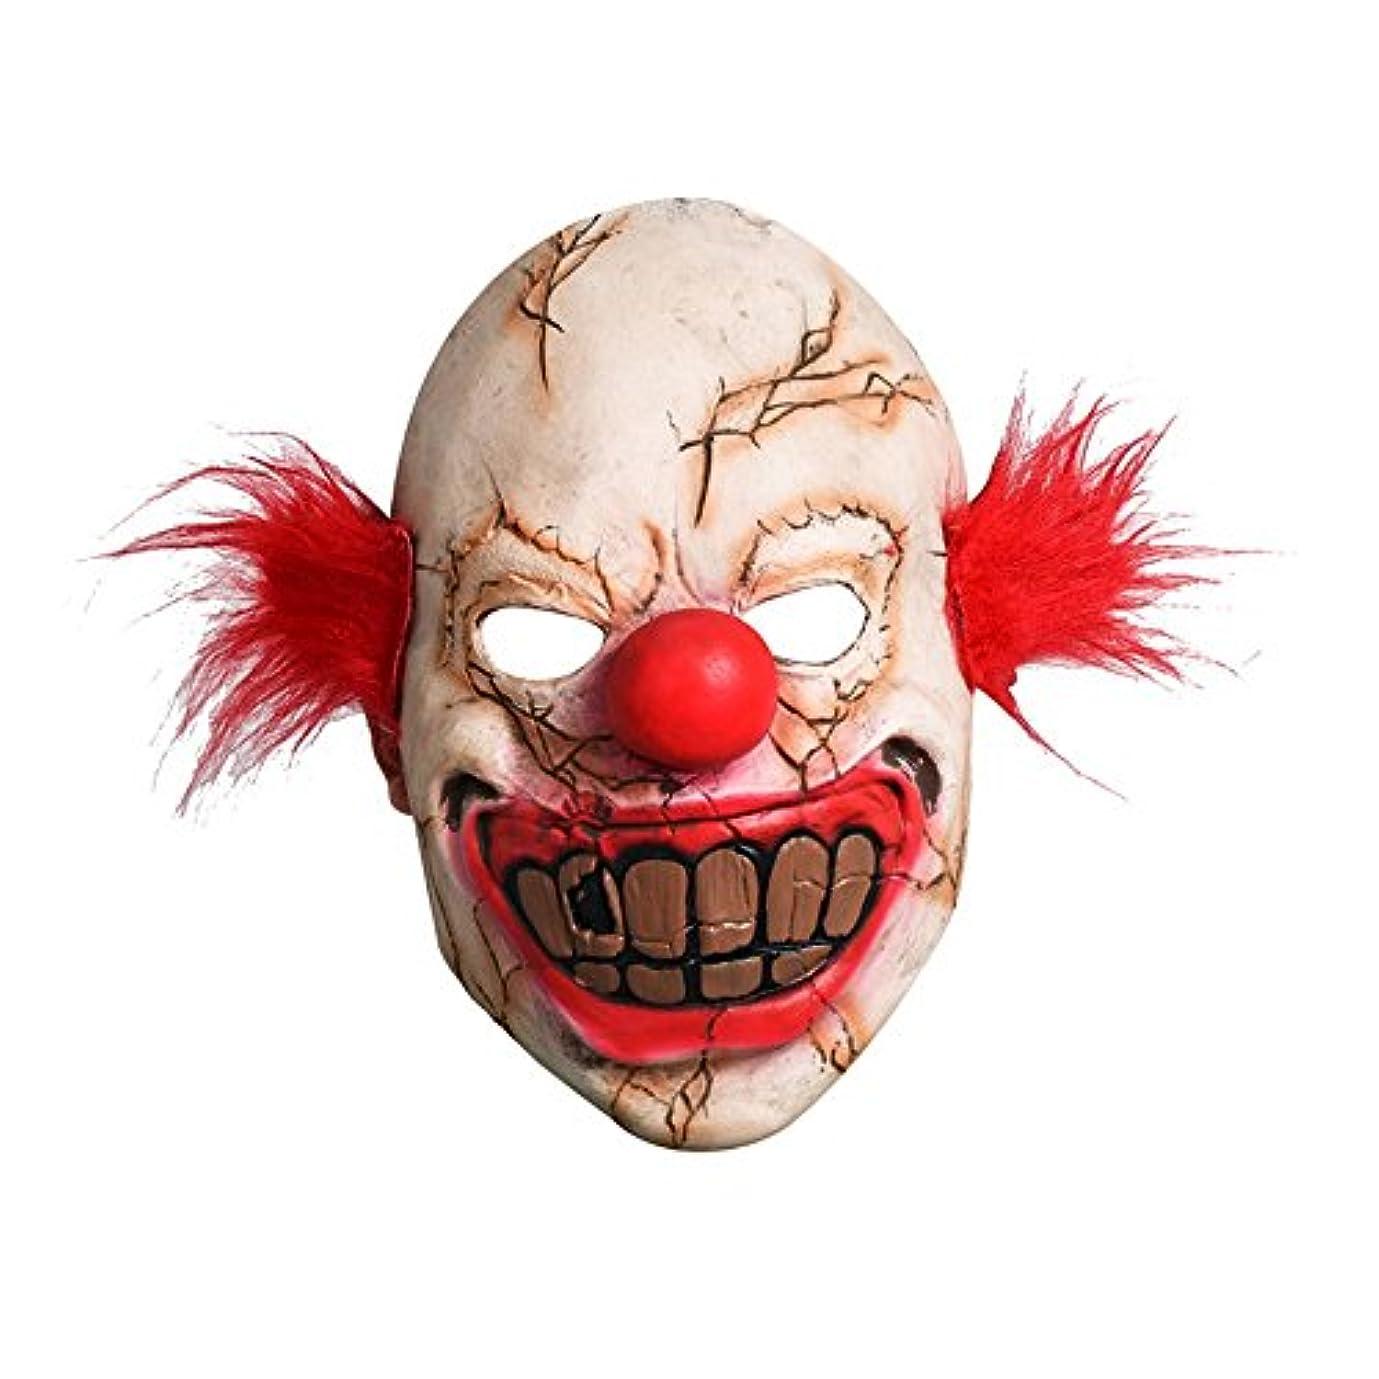 処分したドライ休憩ハロウィーン用品バー怖い恐ろしい腐った道化師カーニバル全体の人々面白い悪魔腐った顔ピエロマスク